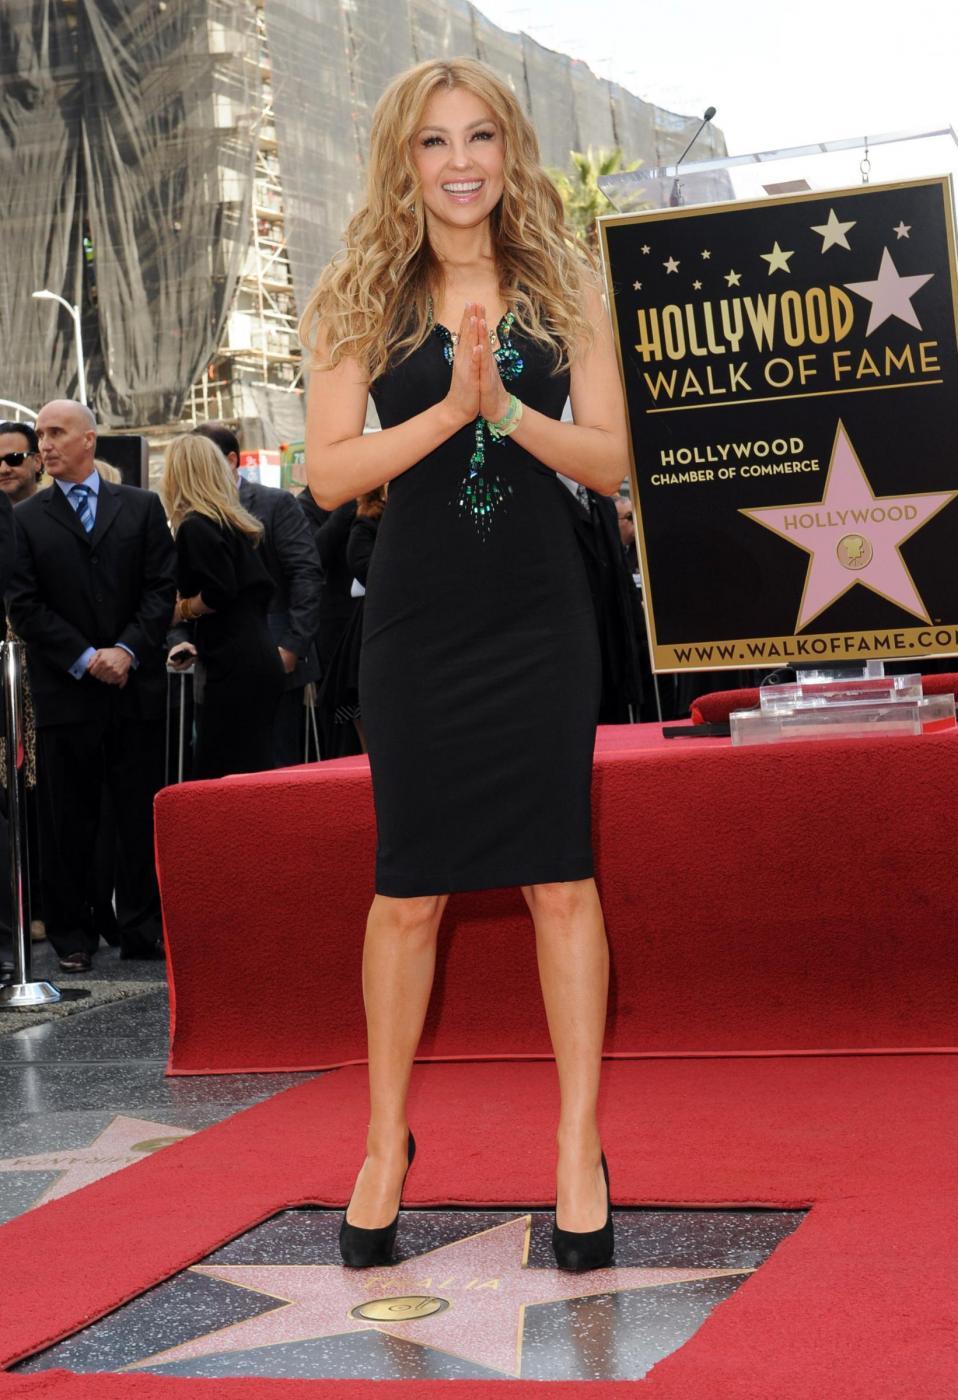 Thalìa, stella sulla Hollywood Walk of Fame per la regina del pop messicano 07